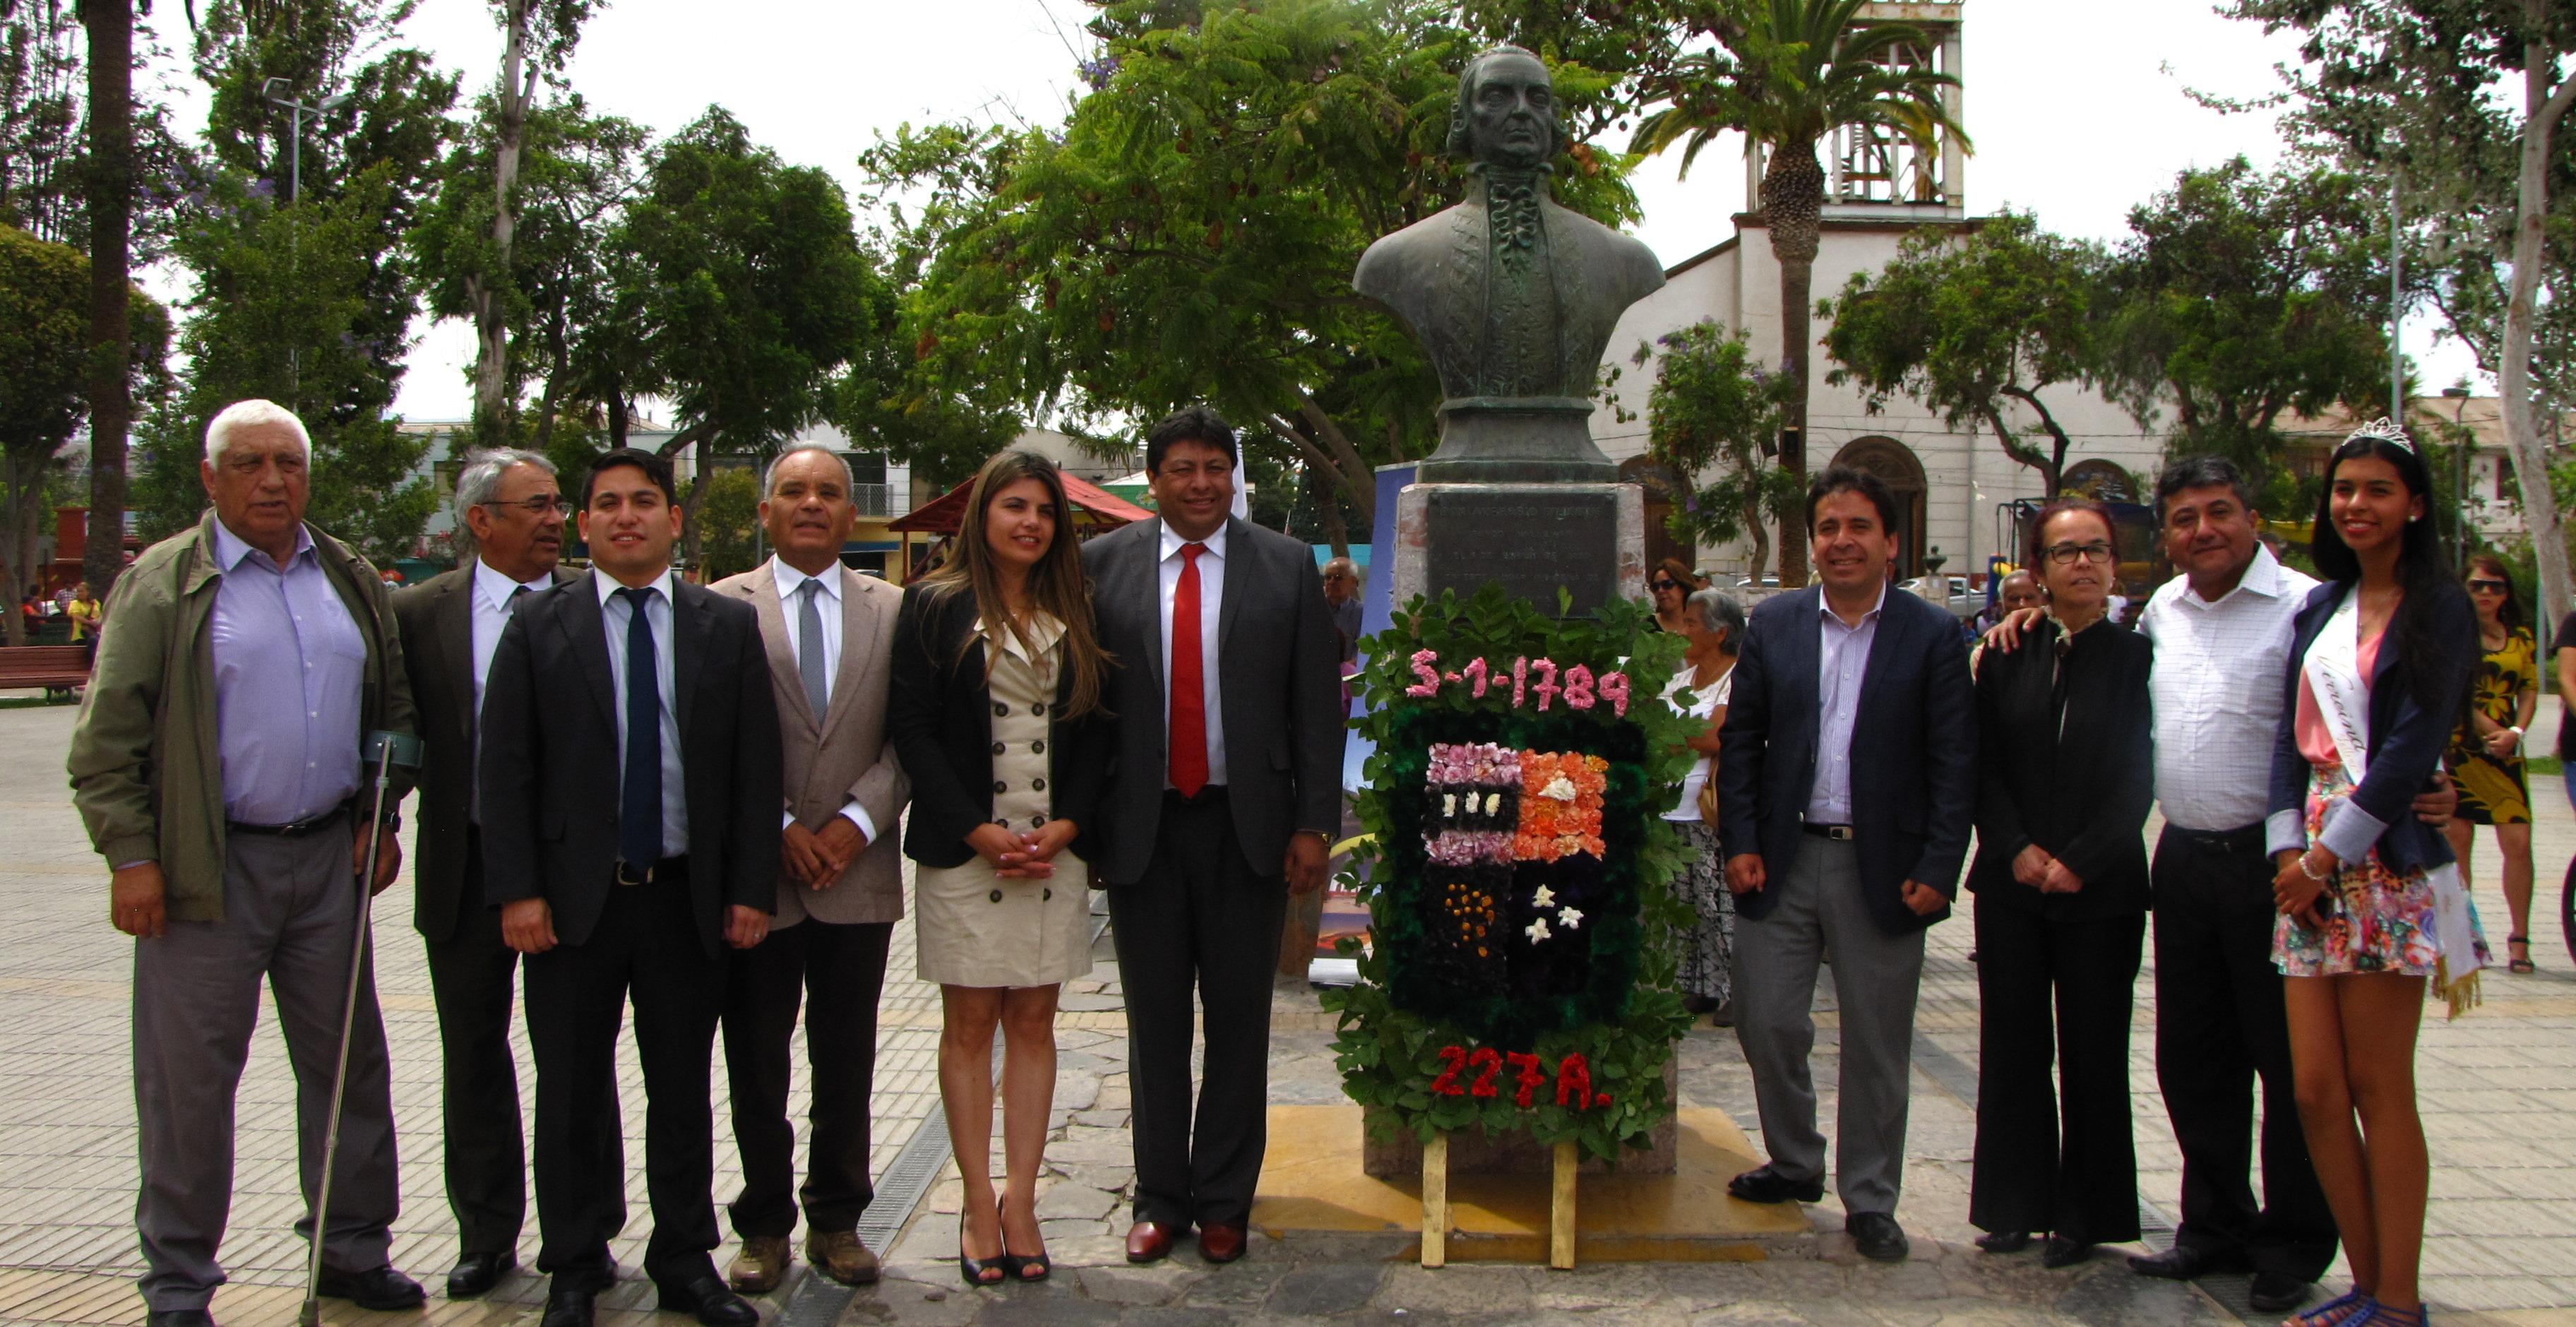 Vallenar celebró 227 años desde su fundación